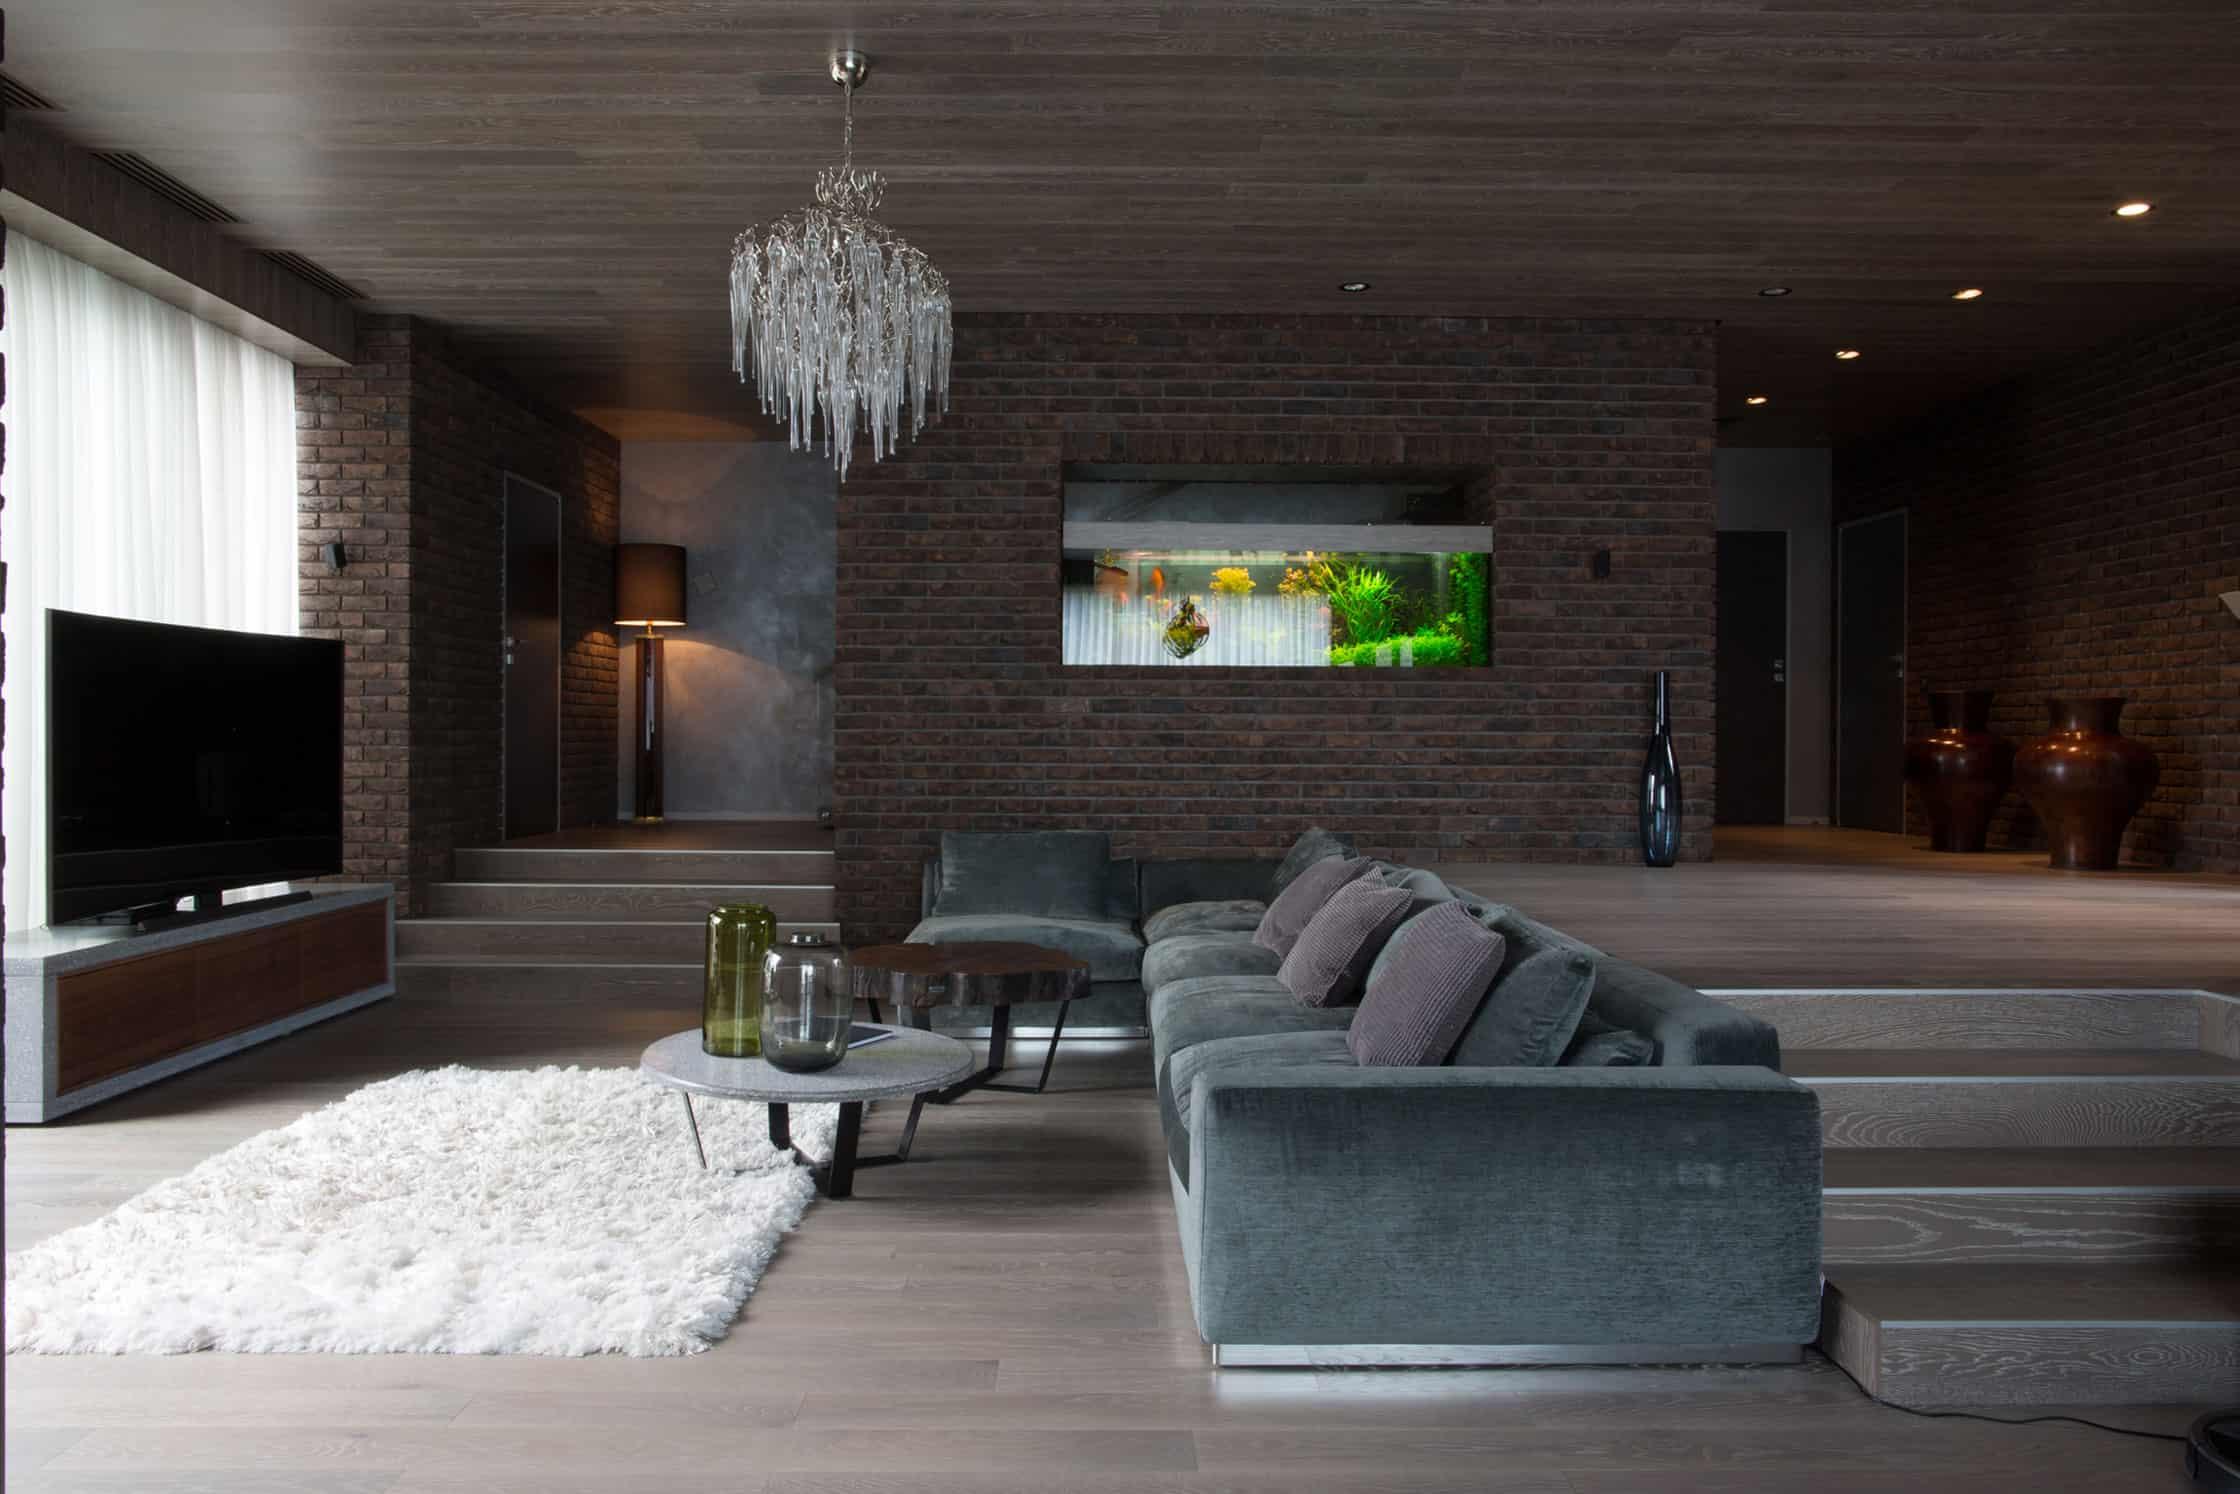 Architectural Studio Chado Designs a Private Residence in the Rostov Region of Russia